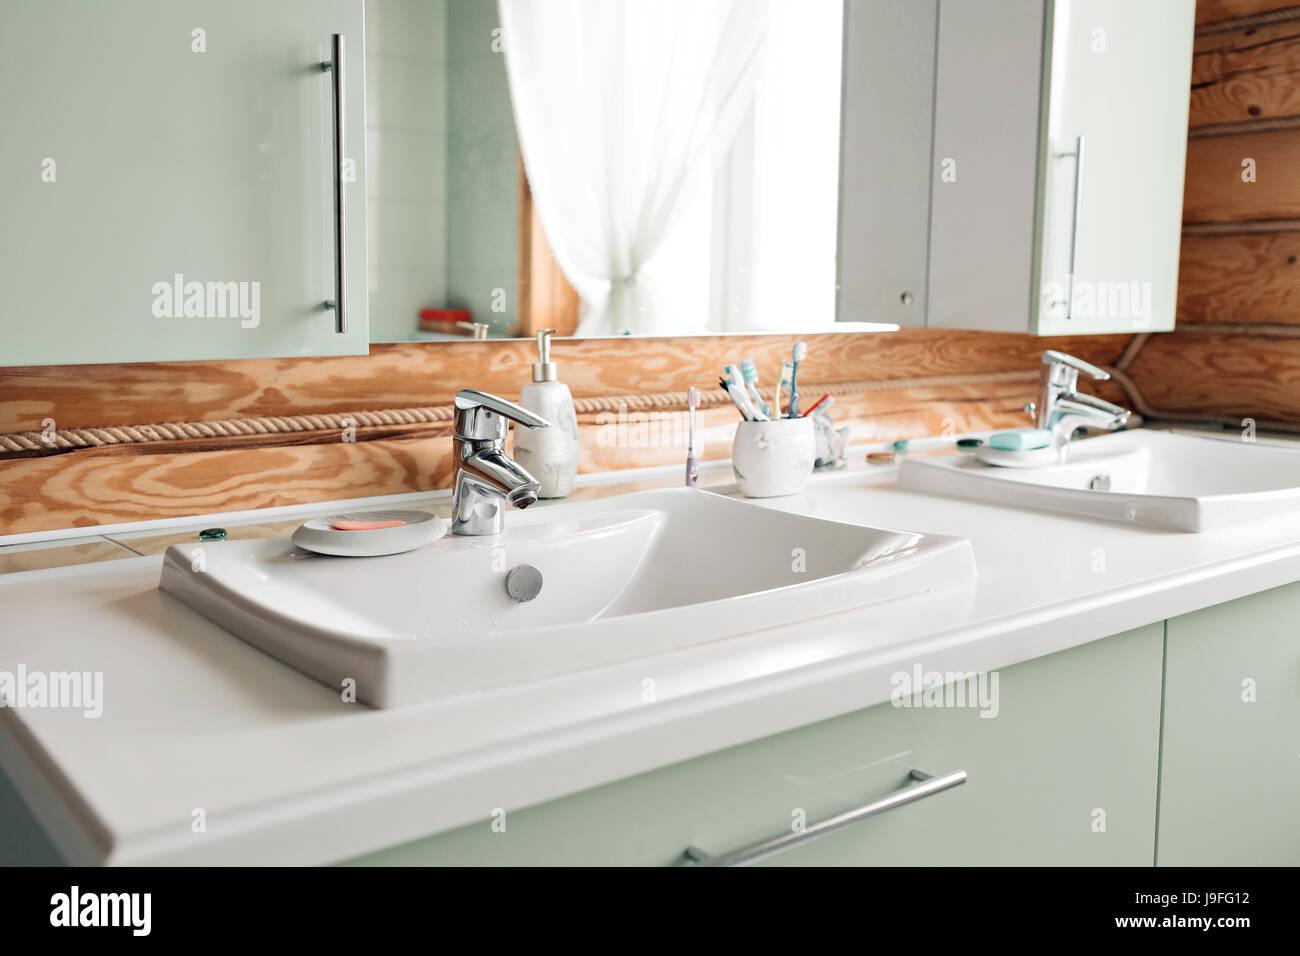 Bathroom Wooden Floor Stock Photos & Bathroom Wooden Floor Stock ...